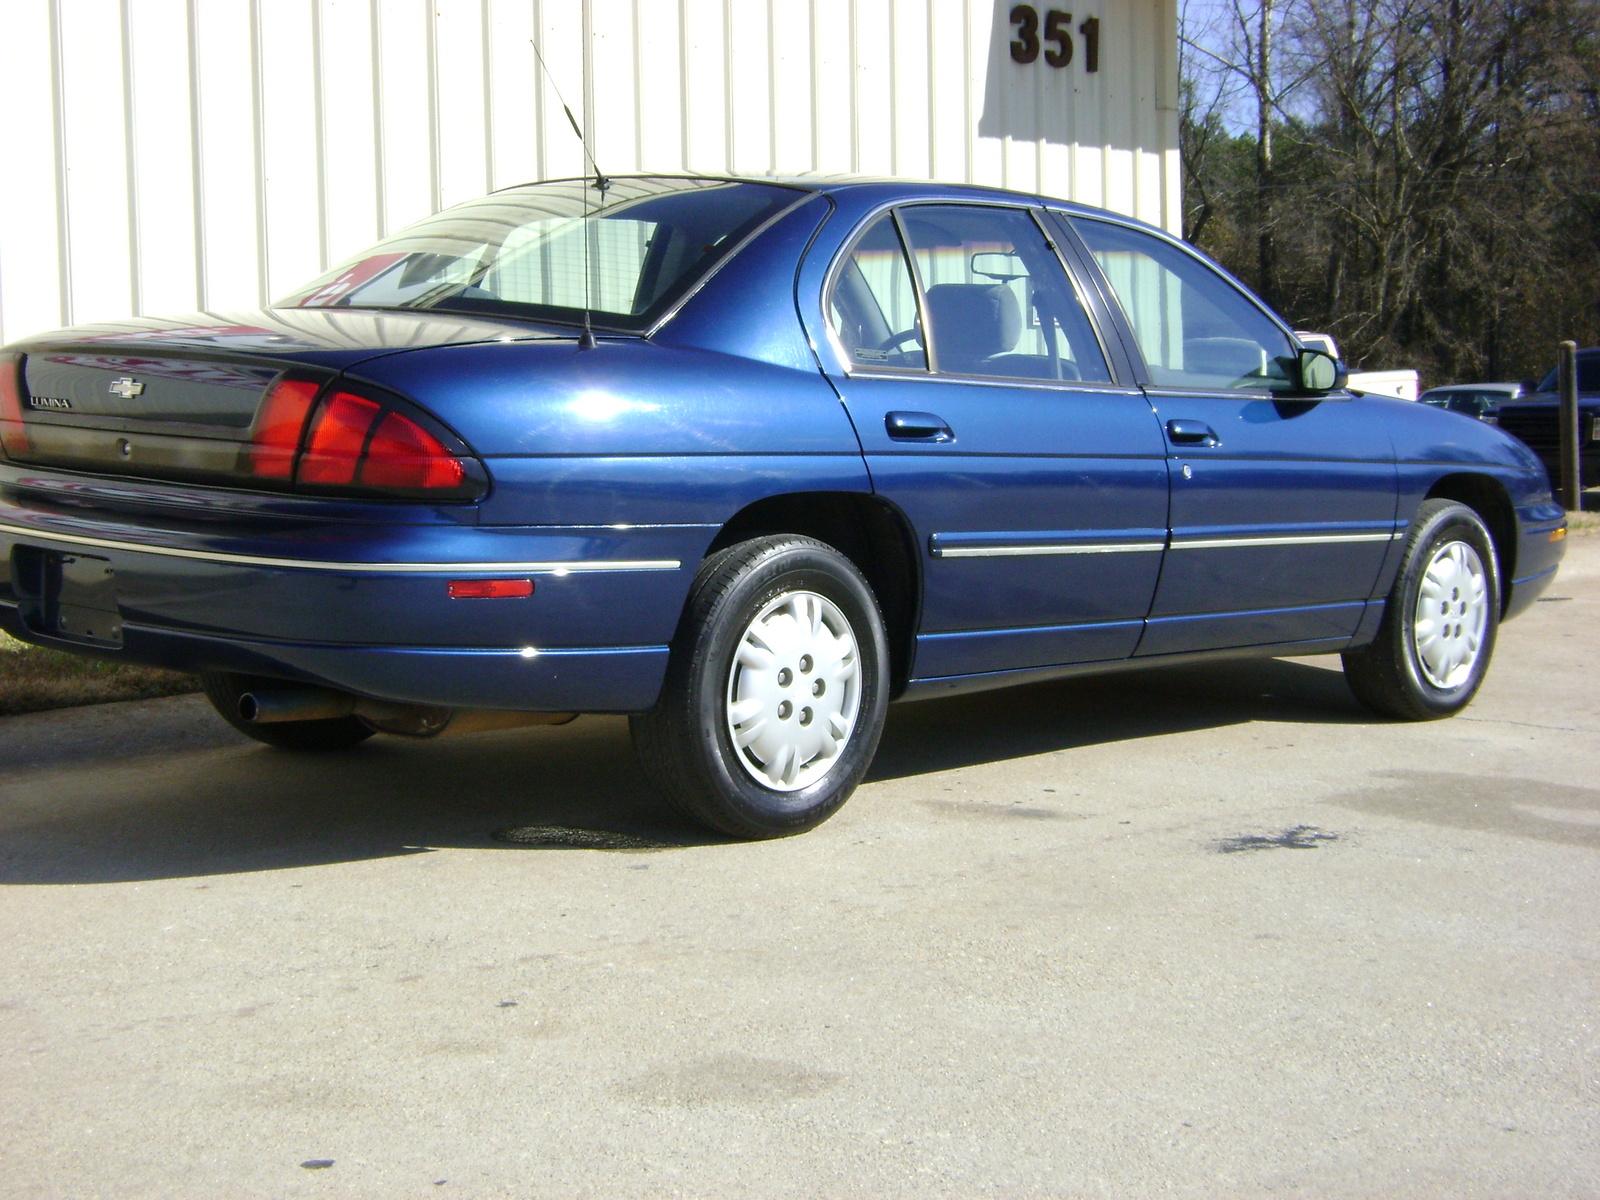 Picture of 1996 Chevrolet Lumina 4 Dr LS Sedan